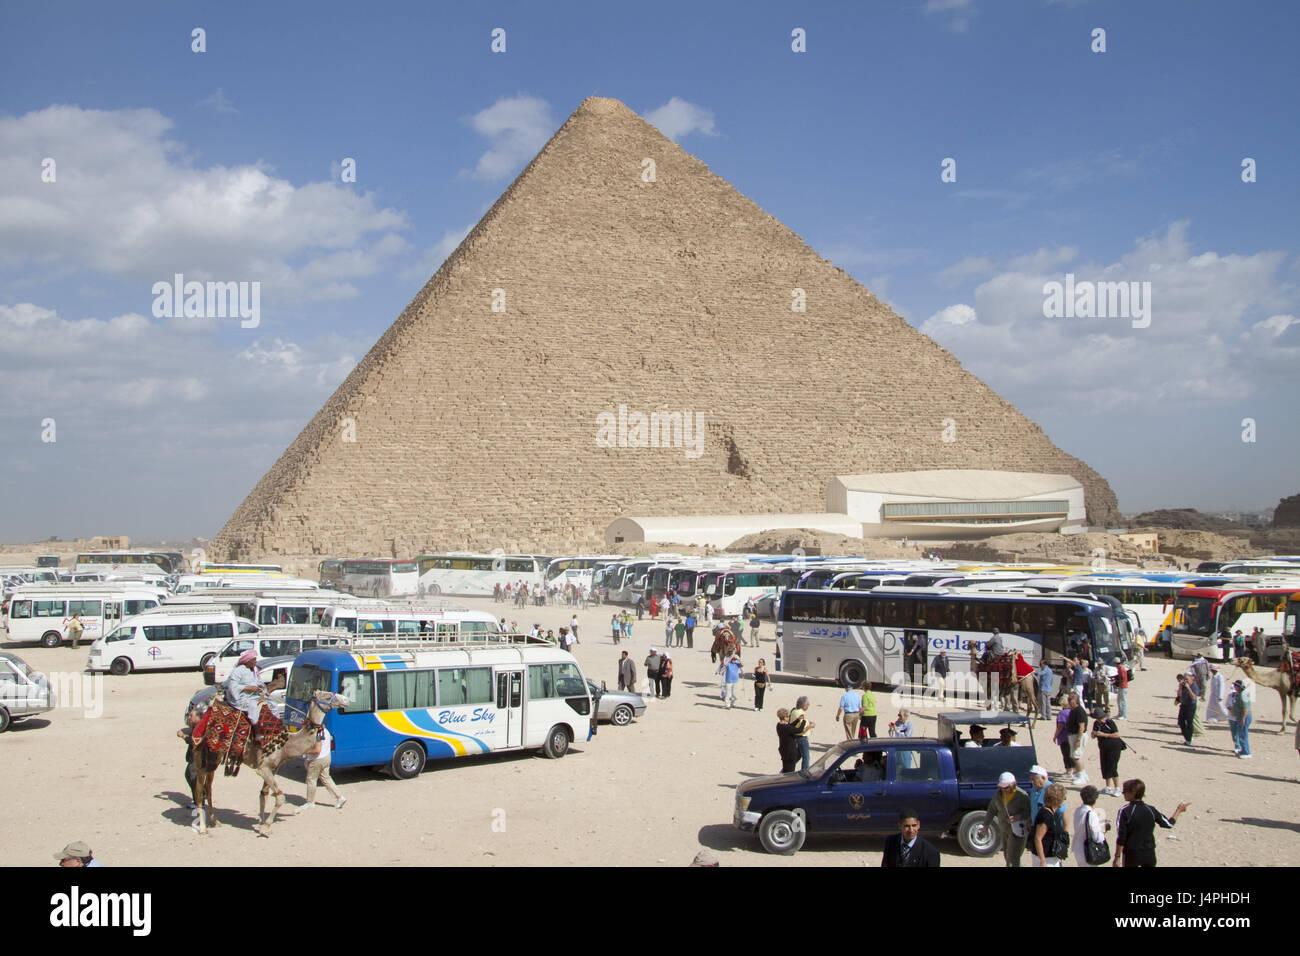 Ägypten, Pyramiden von Gizeh, Reisebusse, Touristen, Menschen, Pyramide, Urlaub Bus, Park, Kamel, Nomad, Fahrt, Stockbild